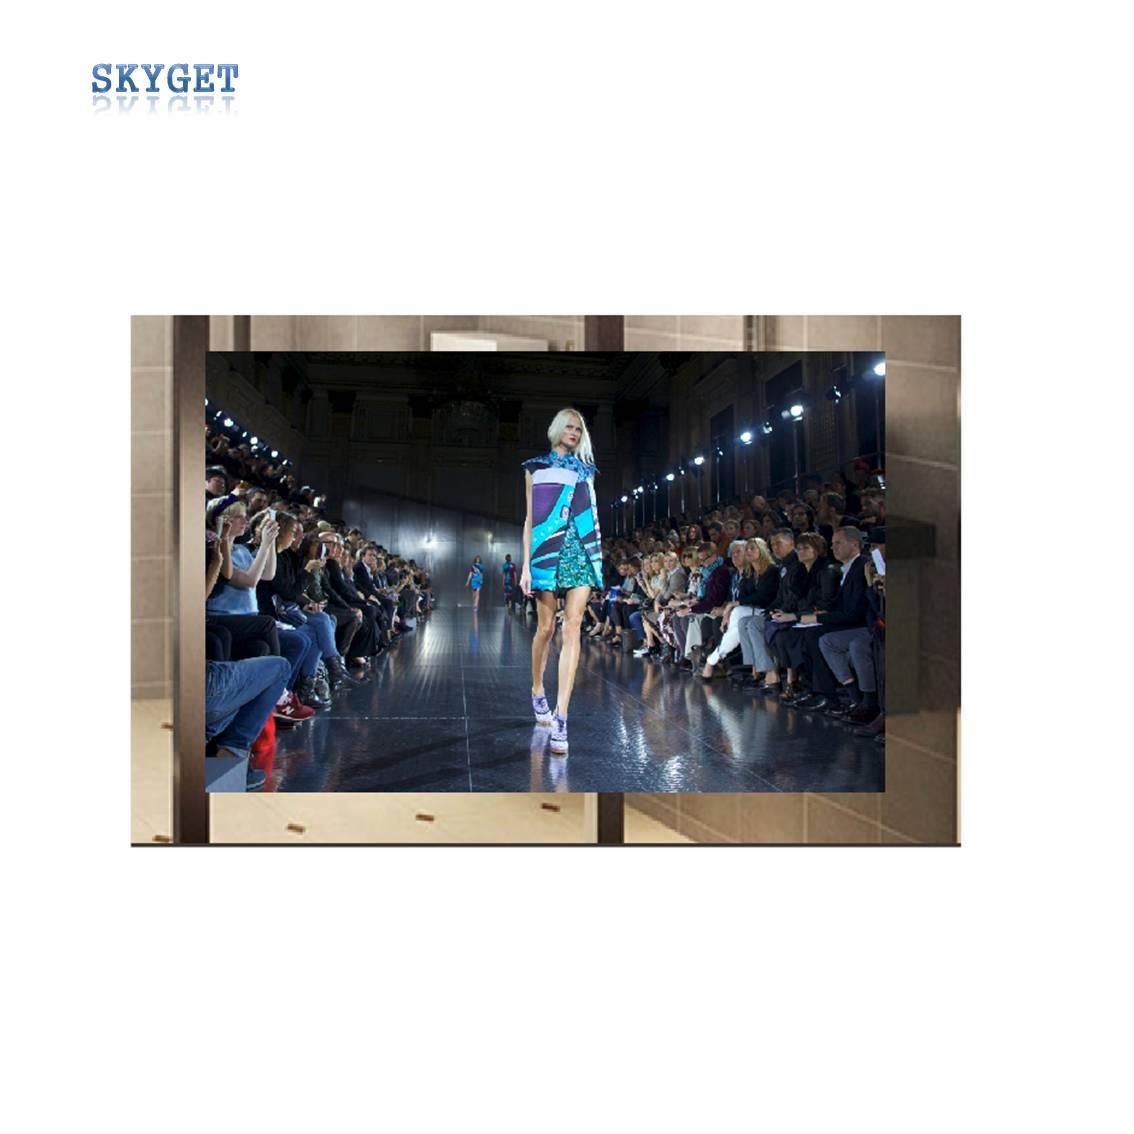 32寸防水电视机 SKYGET品牌LED智能电视机浴室客厅镜面电视可定制